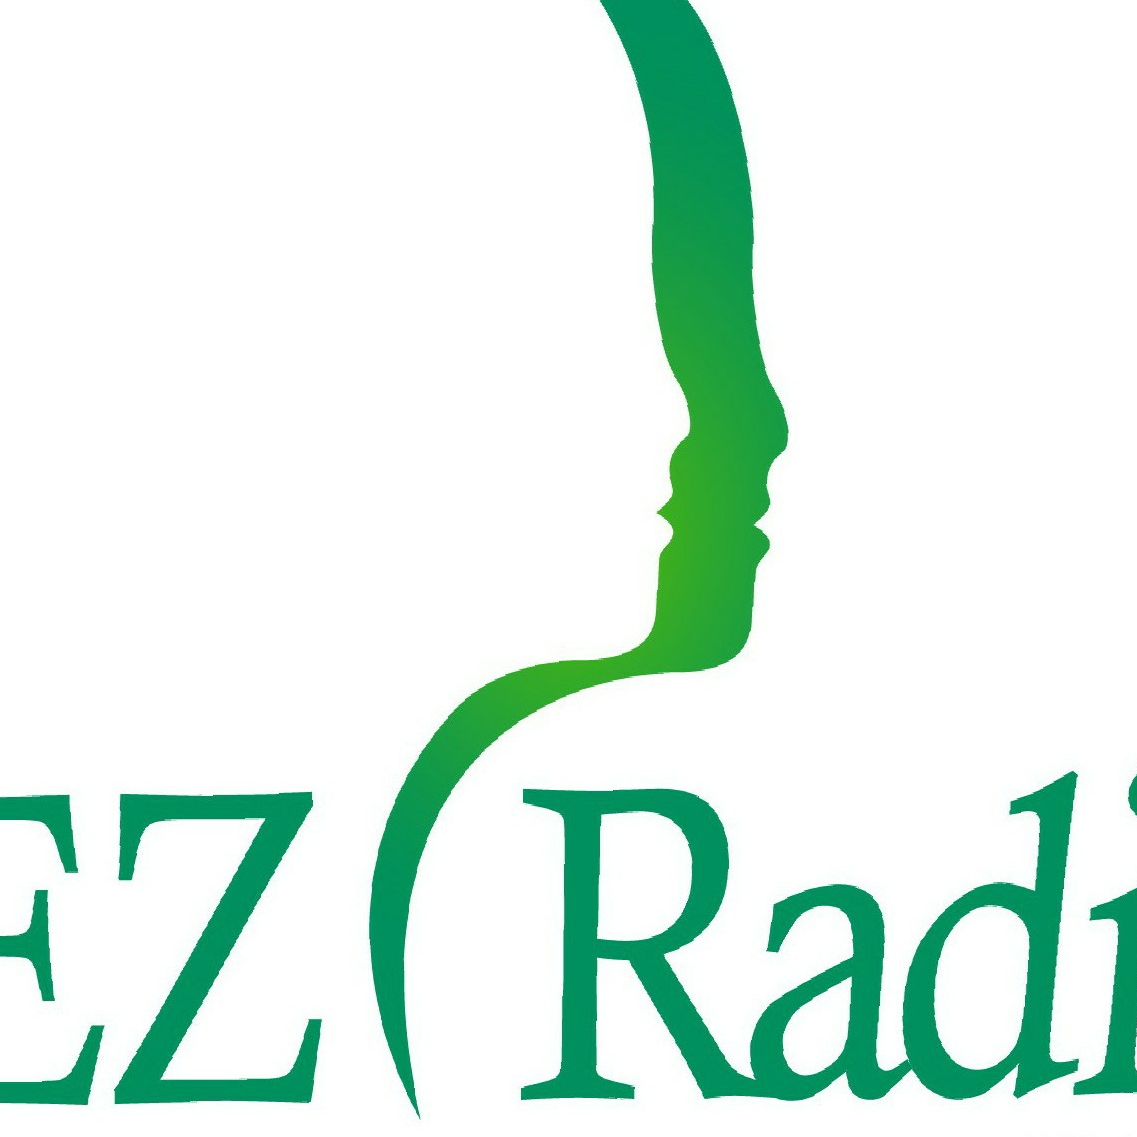 EZonlineradio.com